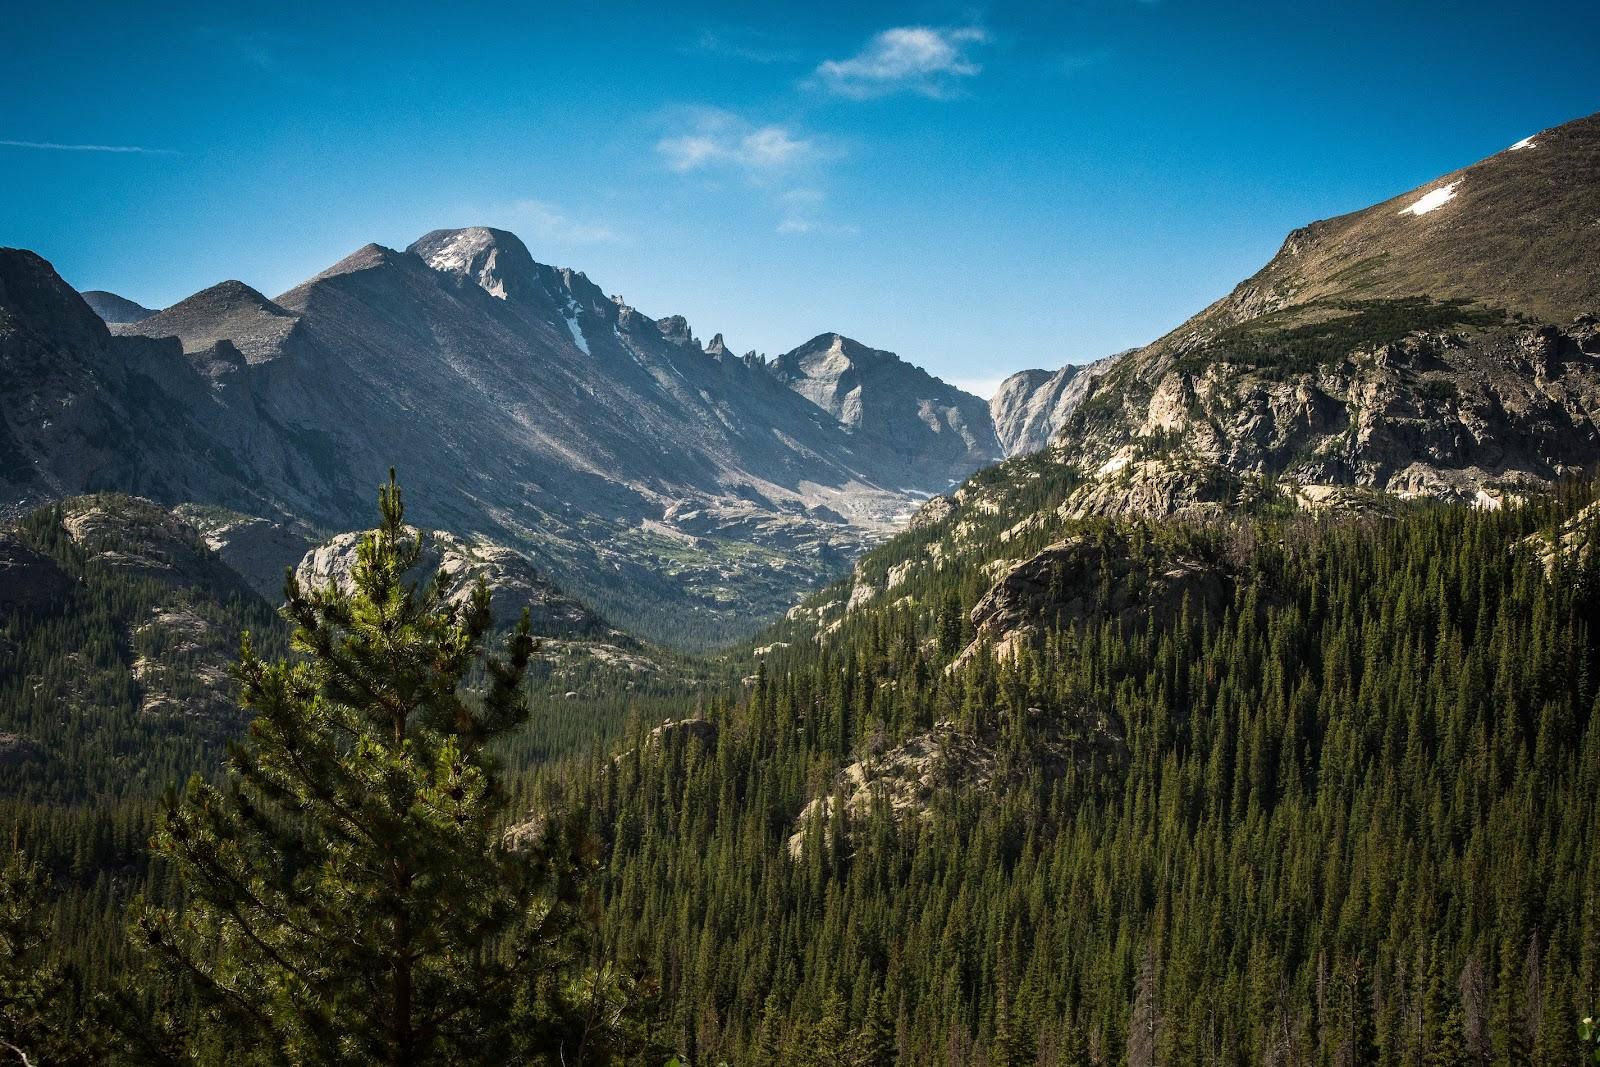 Rocky Mountain Valley in Colorado.